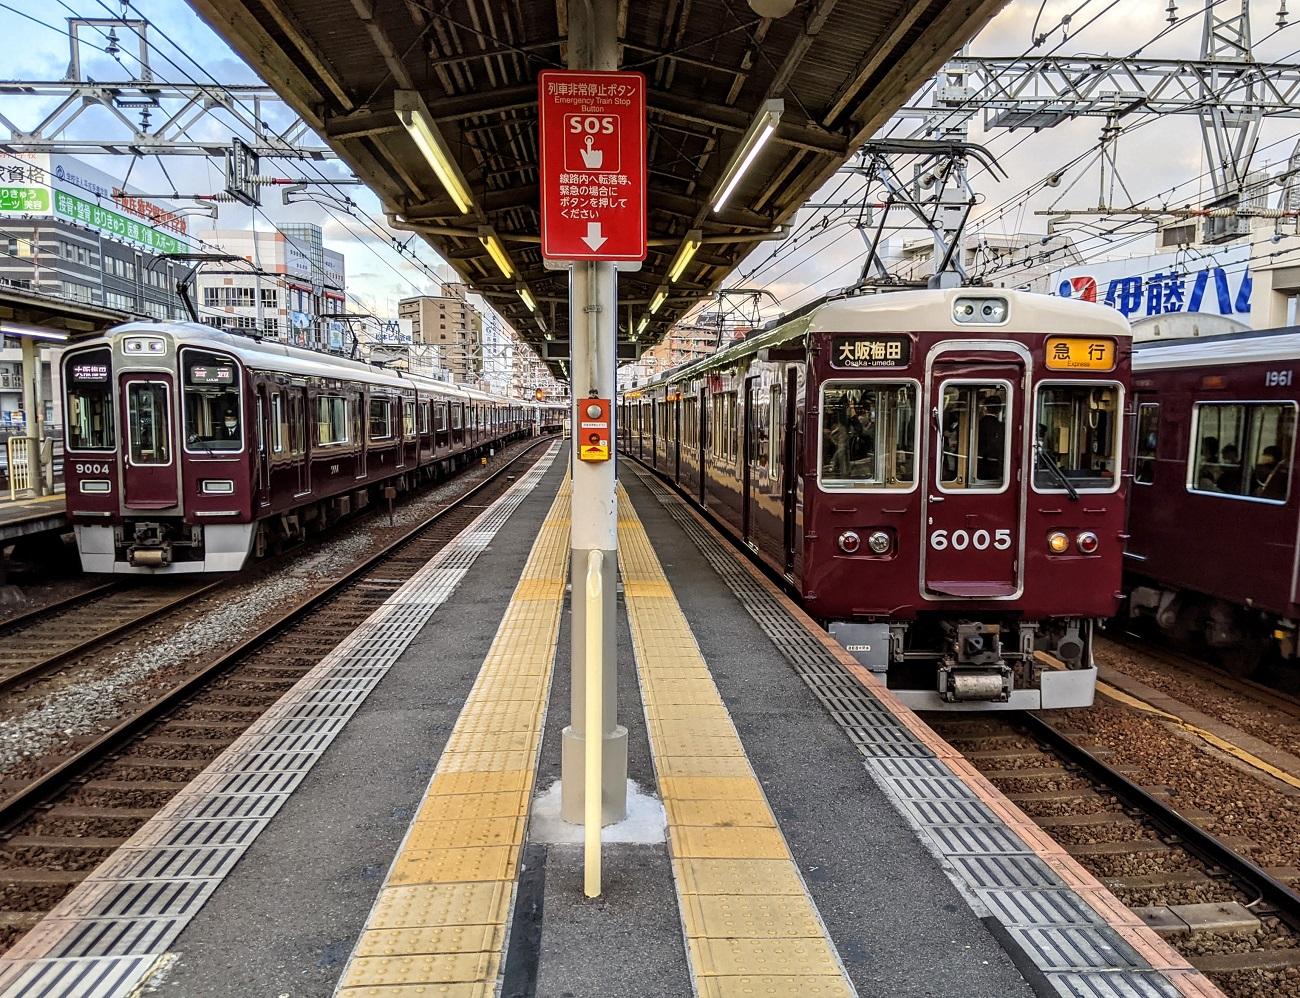 Japanese-train-station-Osaka-Hankyu-Nakatsu-Japan-trains-travel-photos-10.jpg